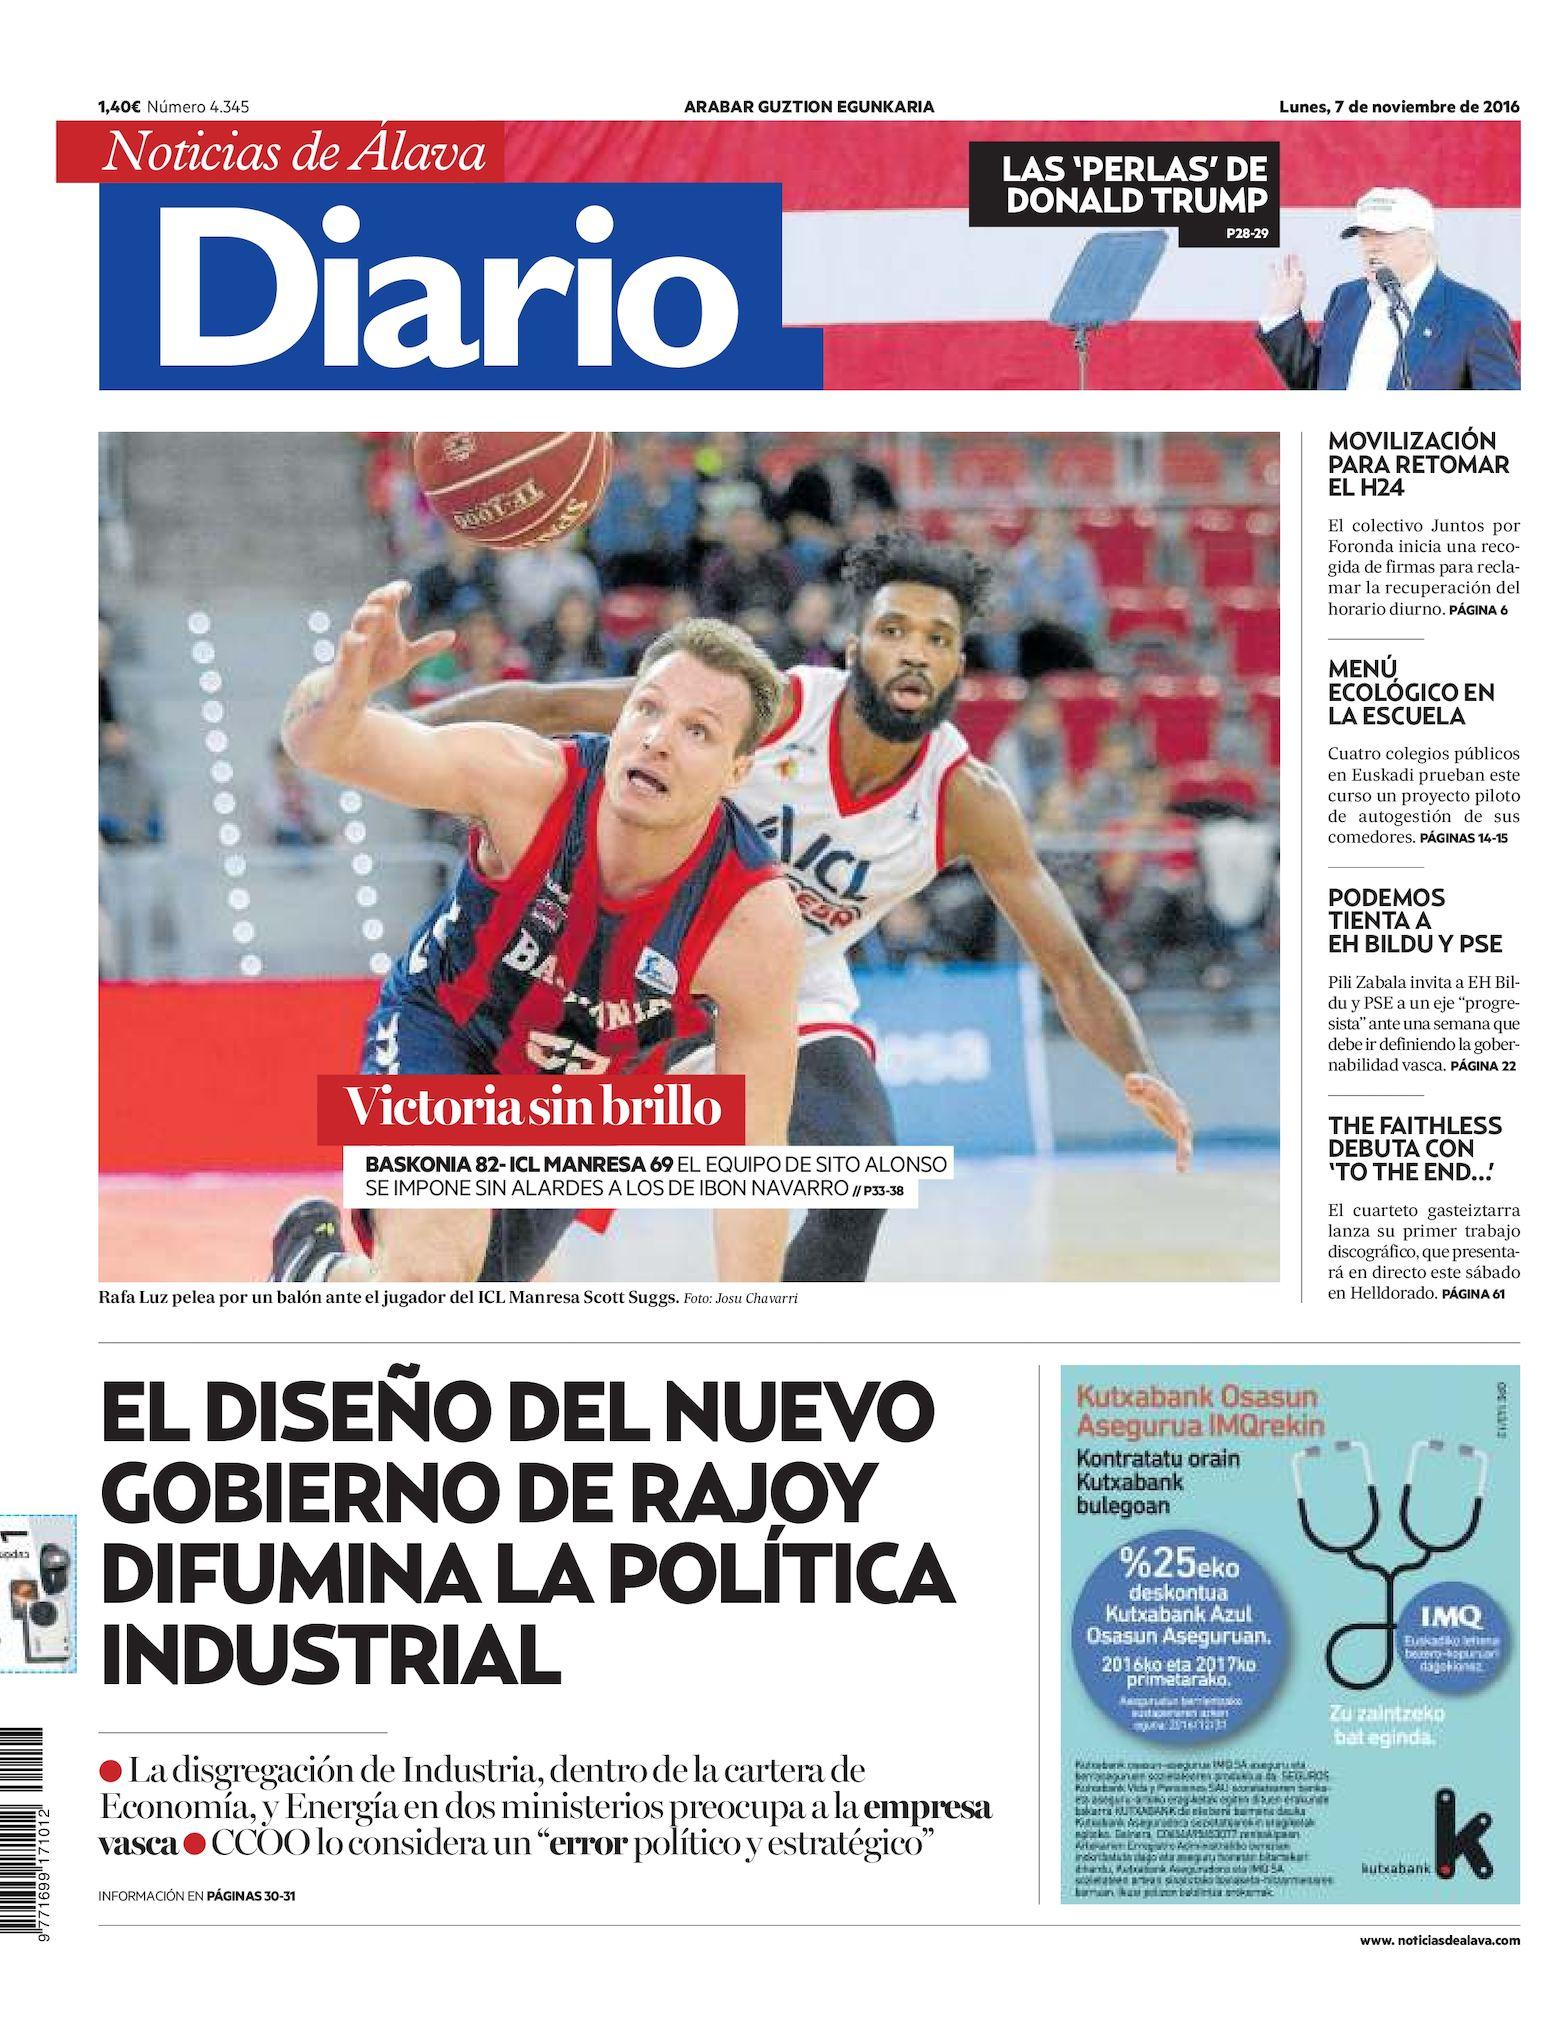 Euskadi retabet jugadores depositen al menos 50€-169494